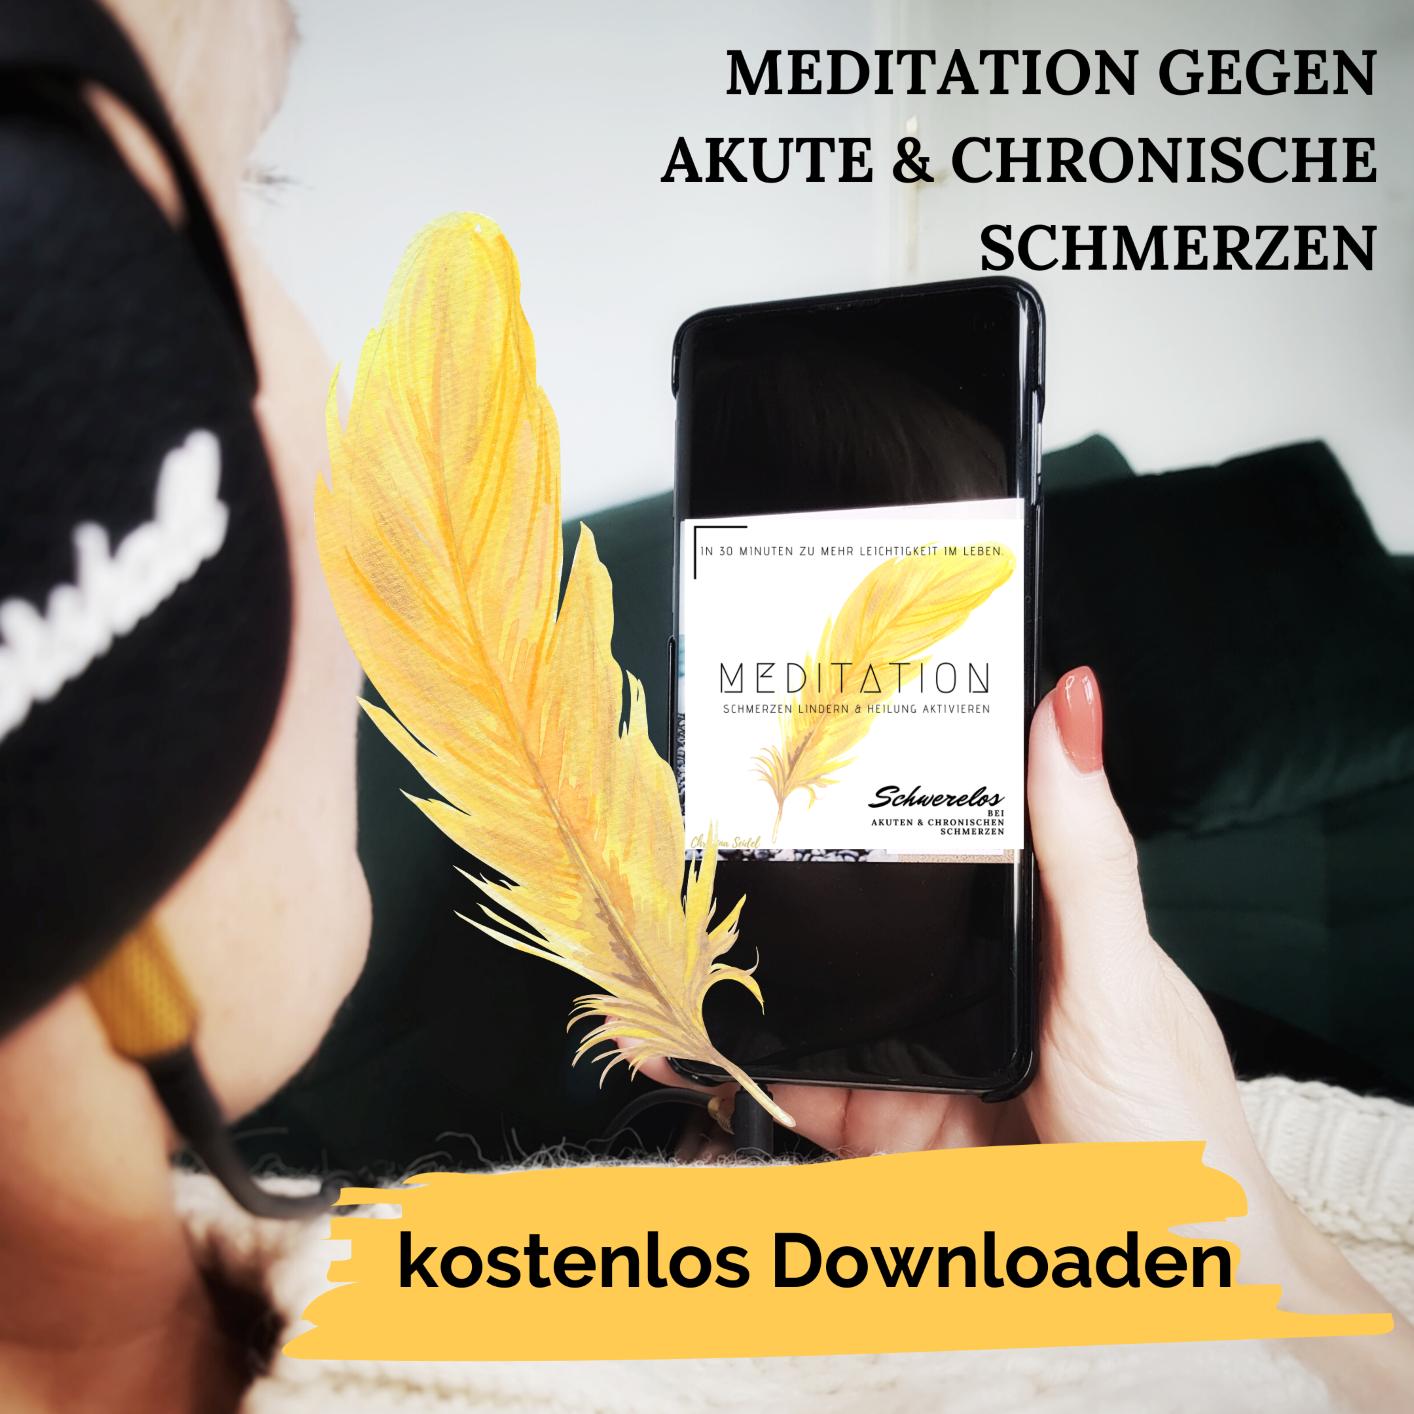 Meditation bei akuten und chronischen Schmerzen